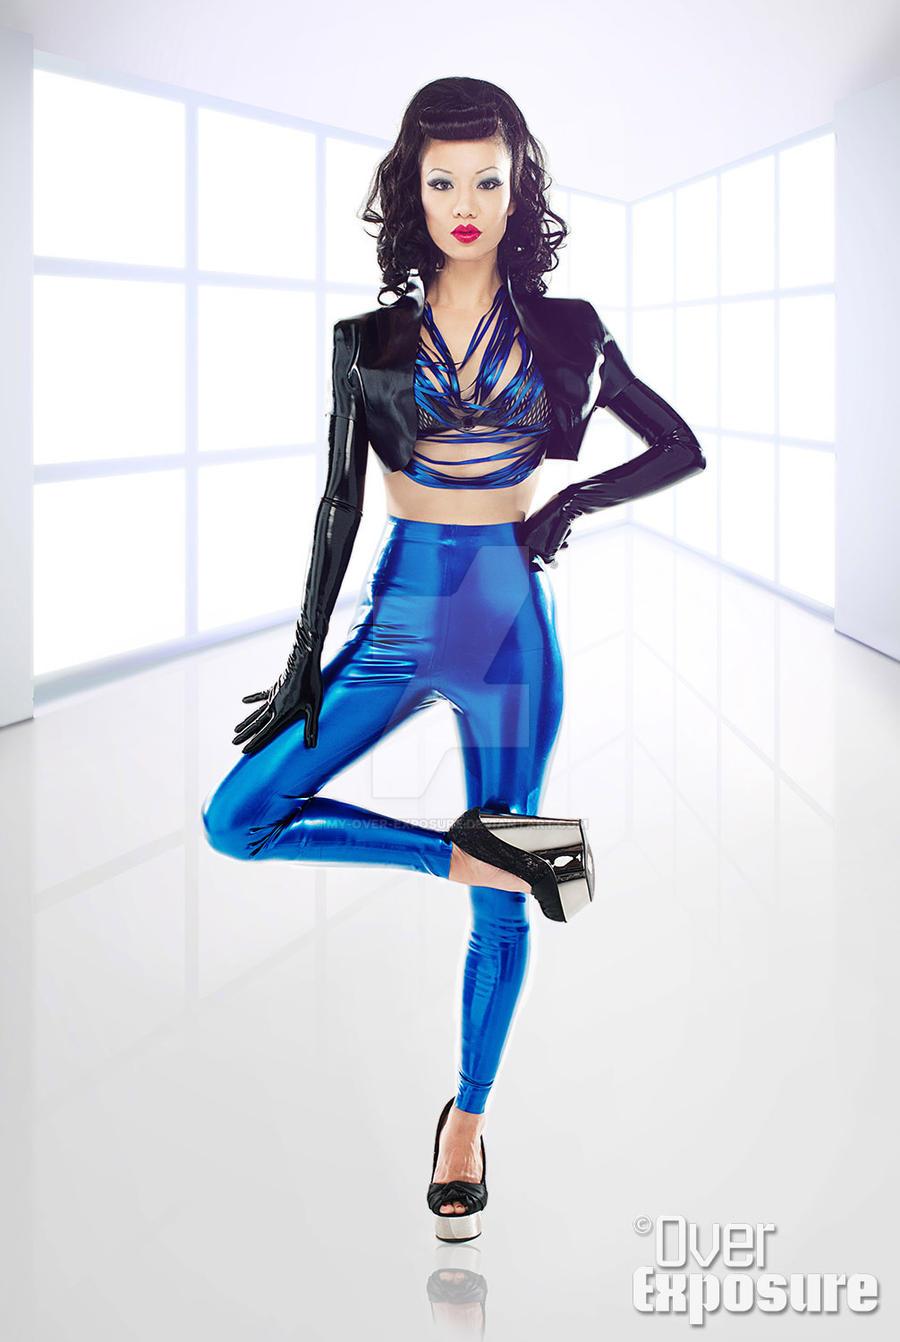 Jade Vixen: Jade Vixen Wearing Ego Assassin By My-over-exposure On